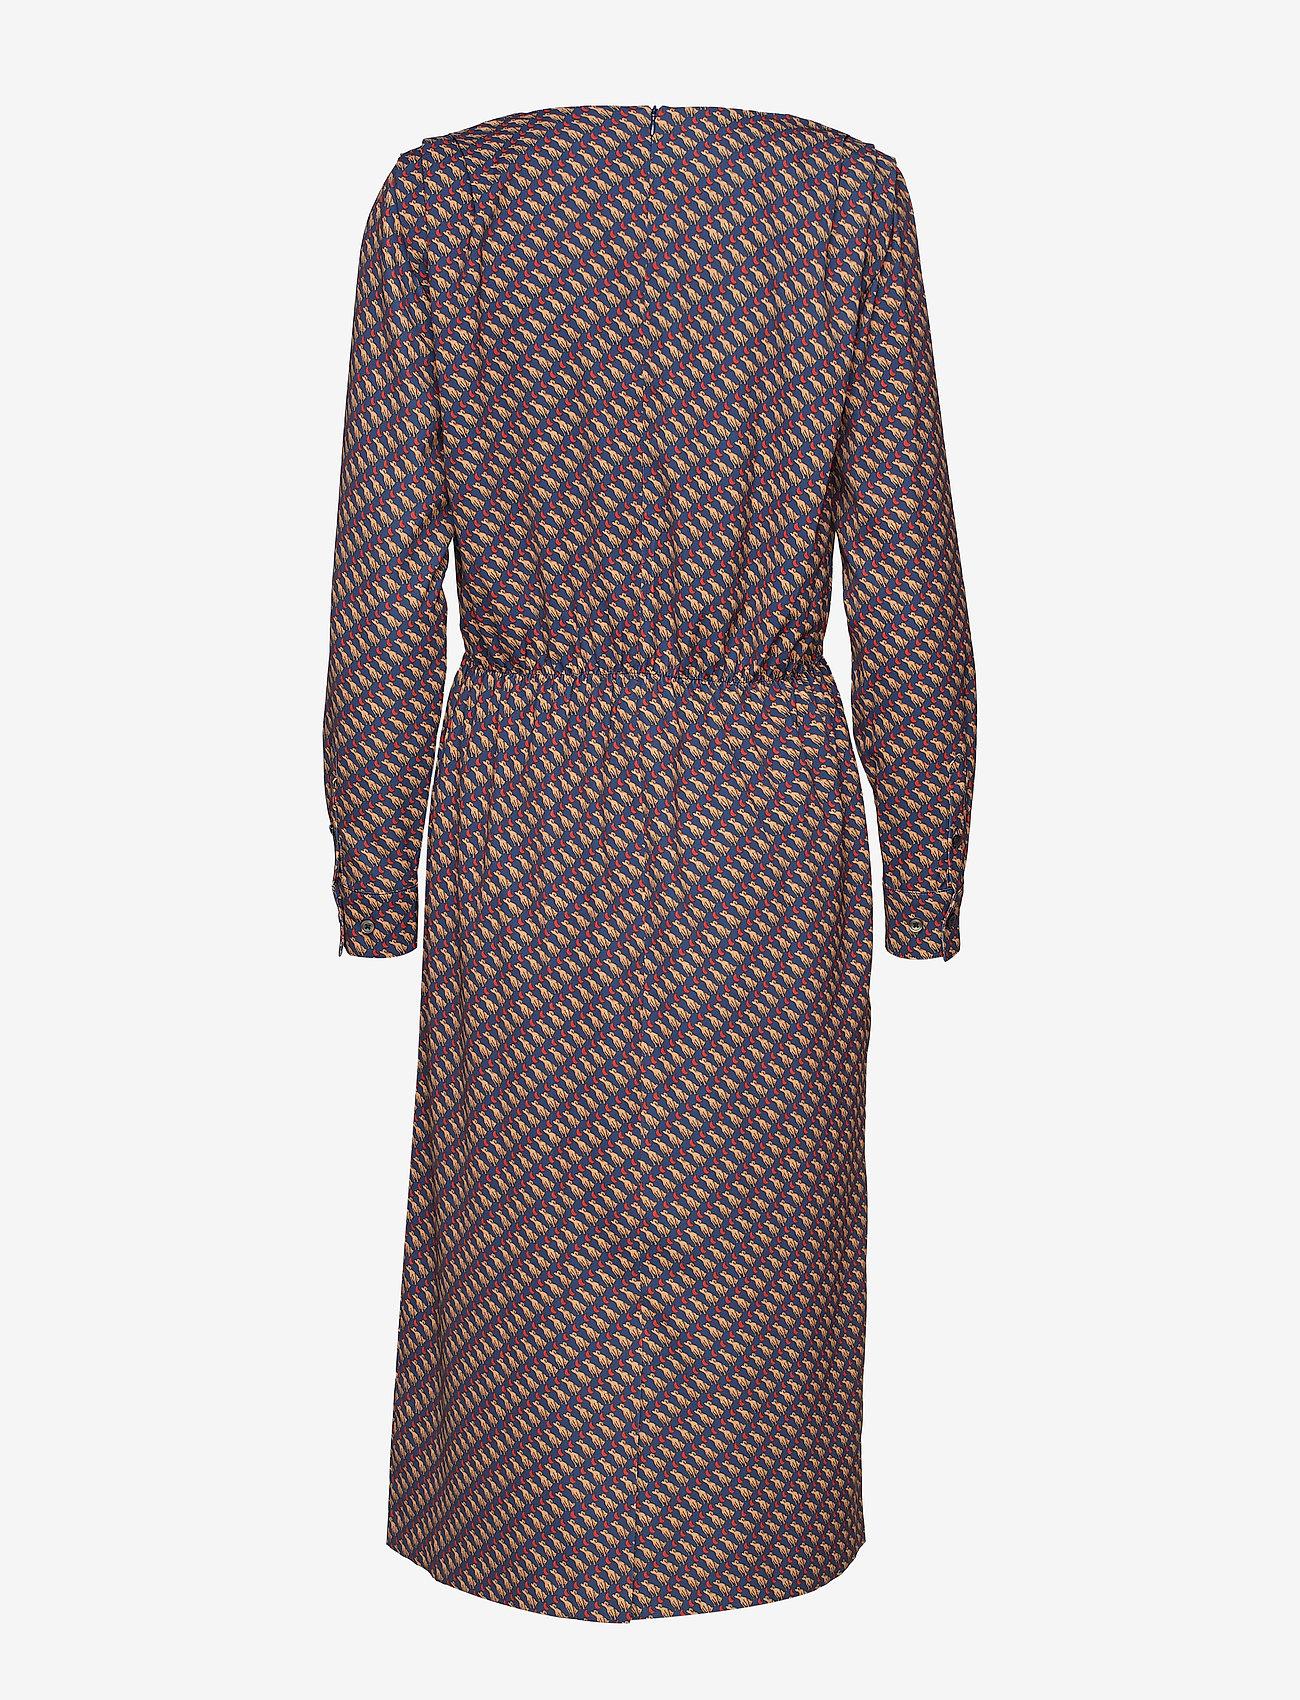 Whyred ELAY SHIRTSLEEVE MOONDOG - Kleider CLASSIC NAVY - Damen Kleidung